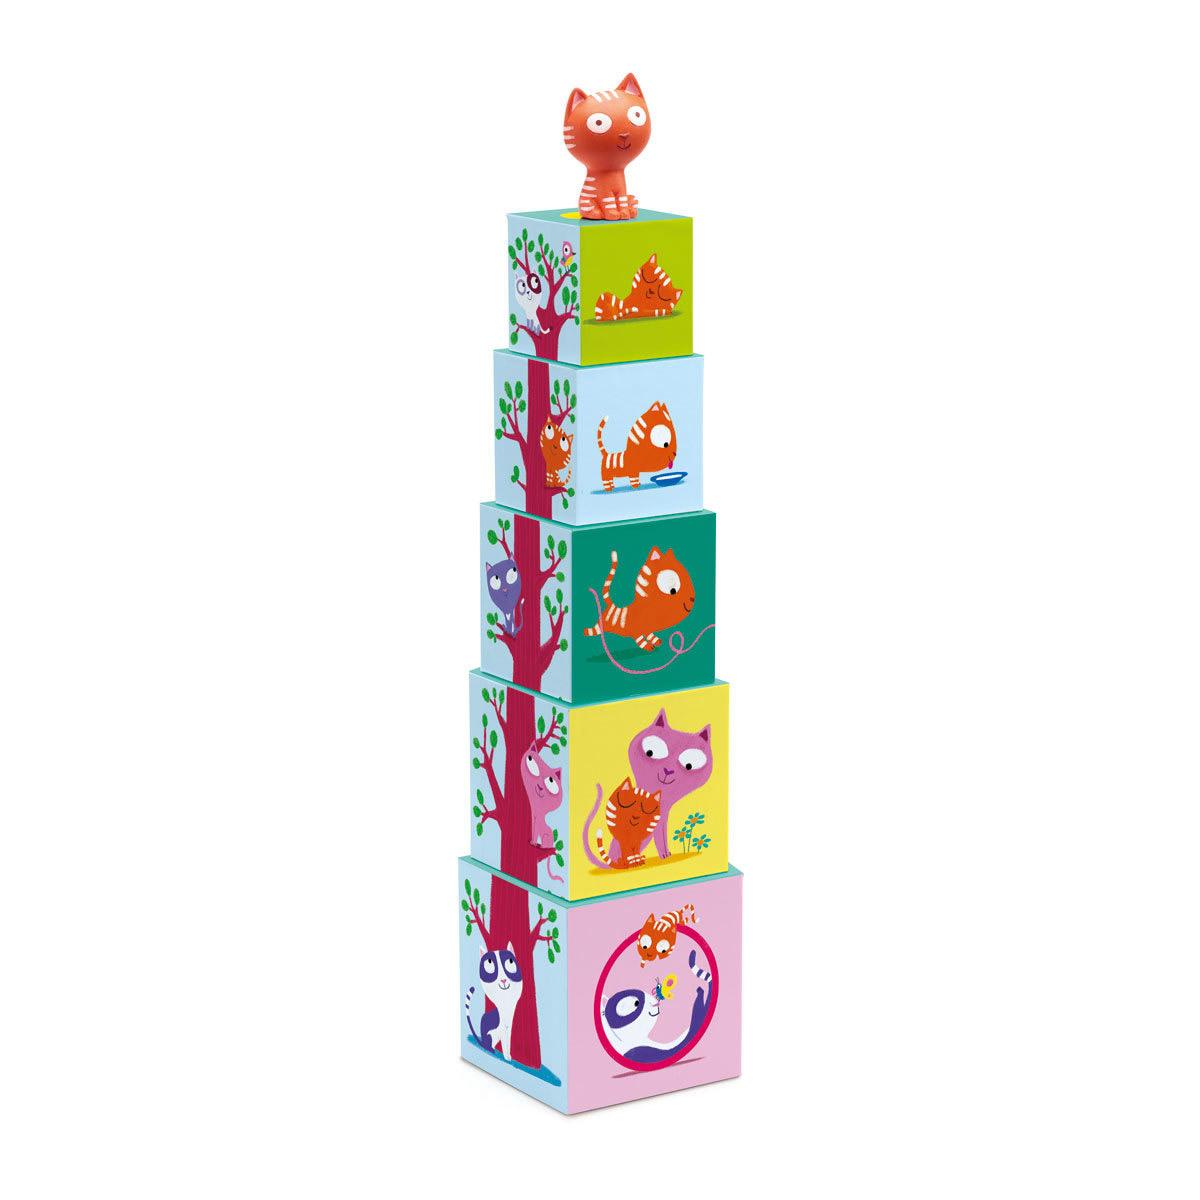 Mes premiers jouets Catibloc Cubes Catibloc Cubes